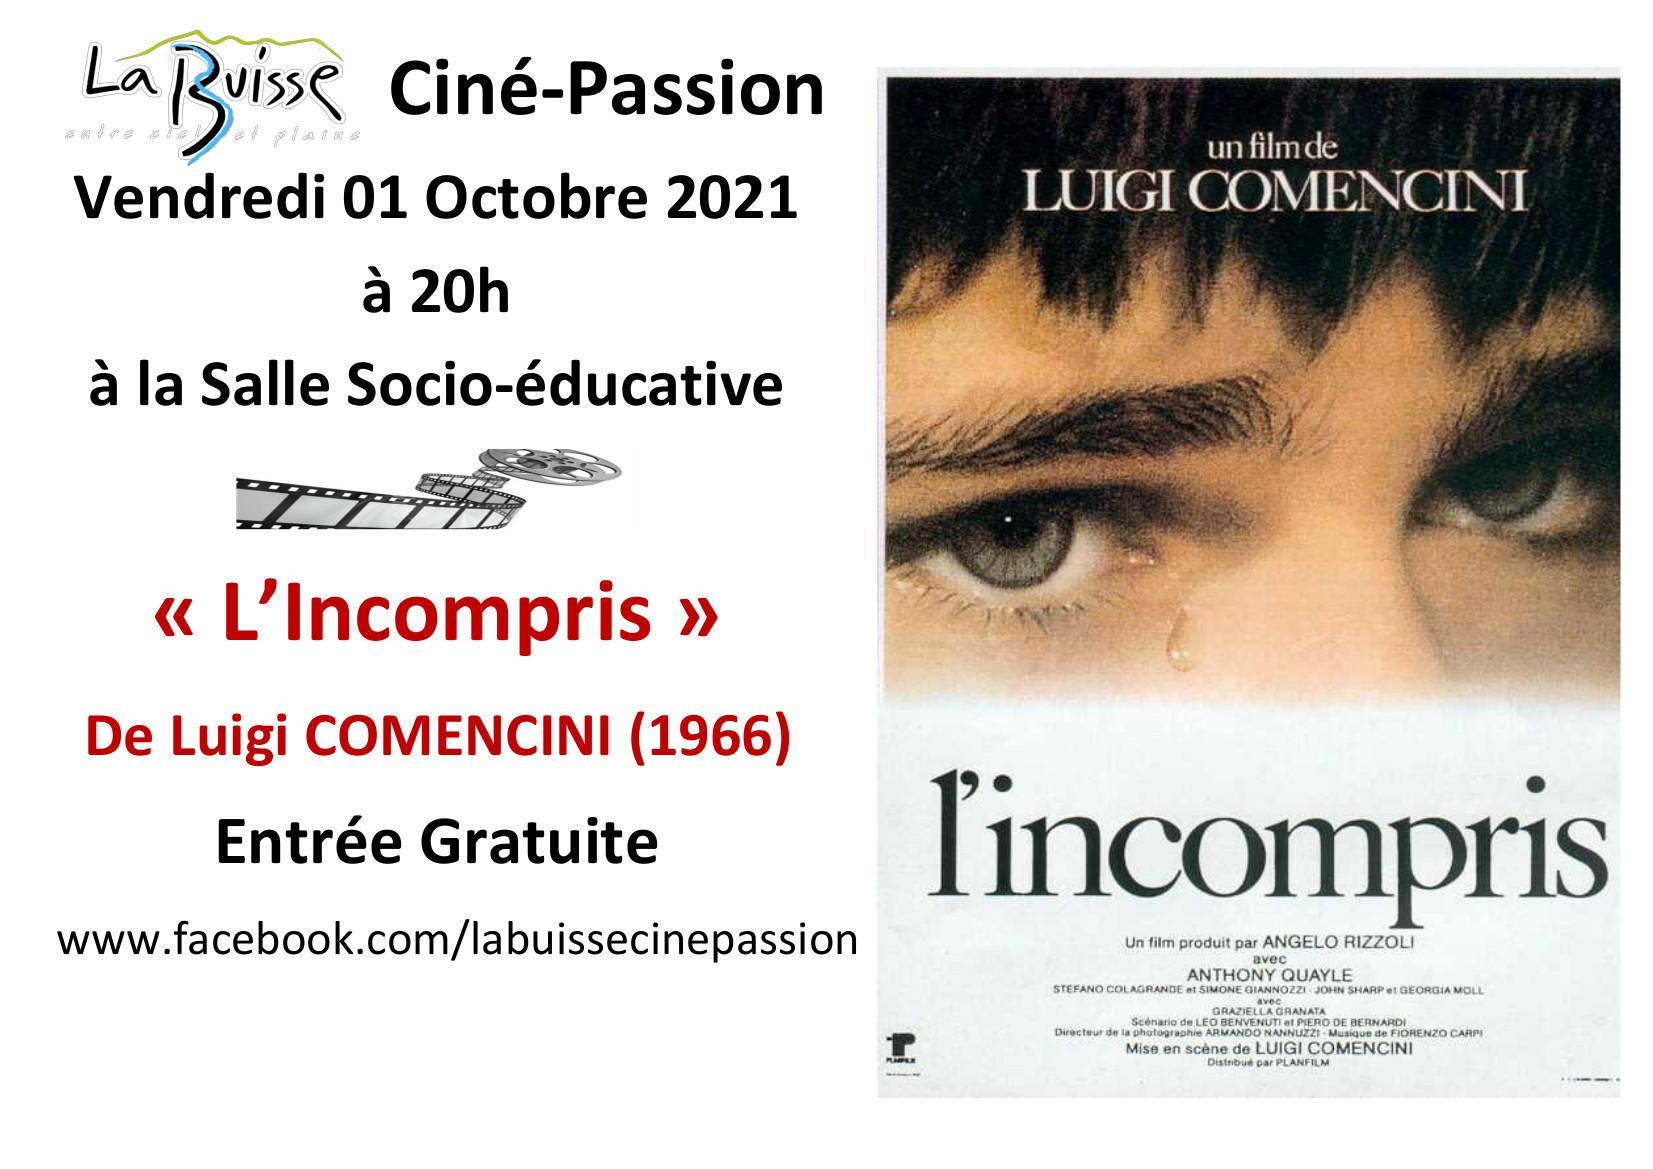 """Image de couverture - La Buisse Ciné-Passion : projection gratuite du film """"L'incompris"""", de Luigi Comencini"""